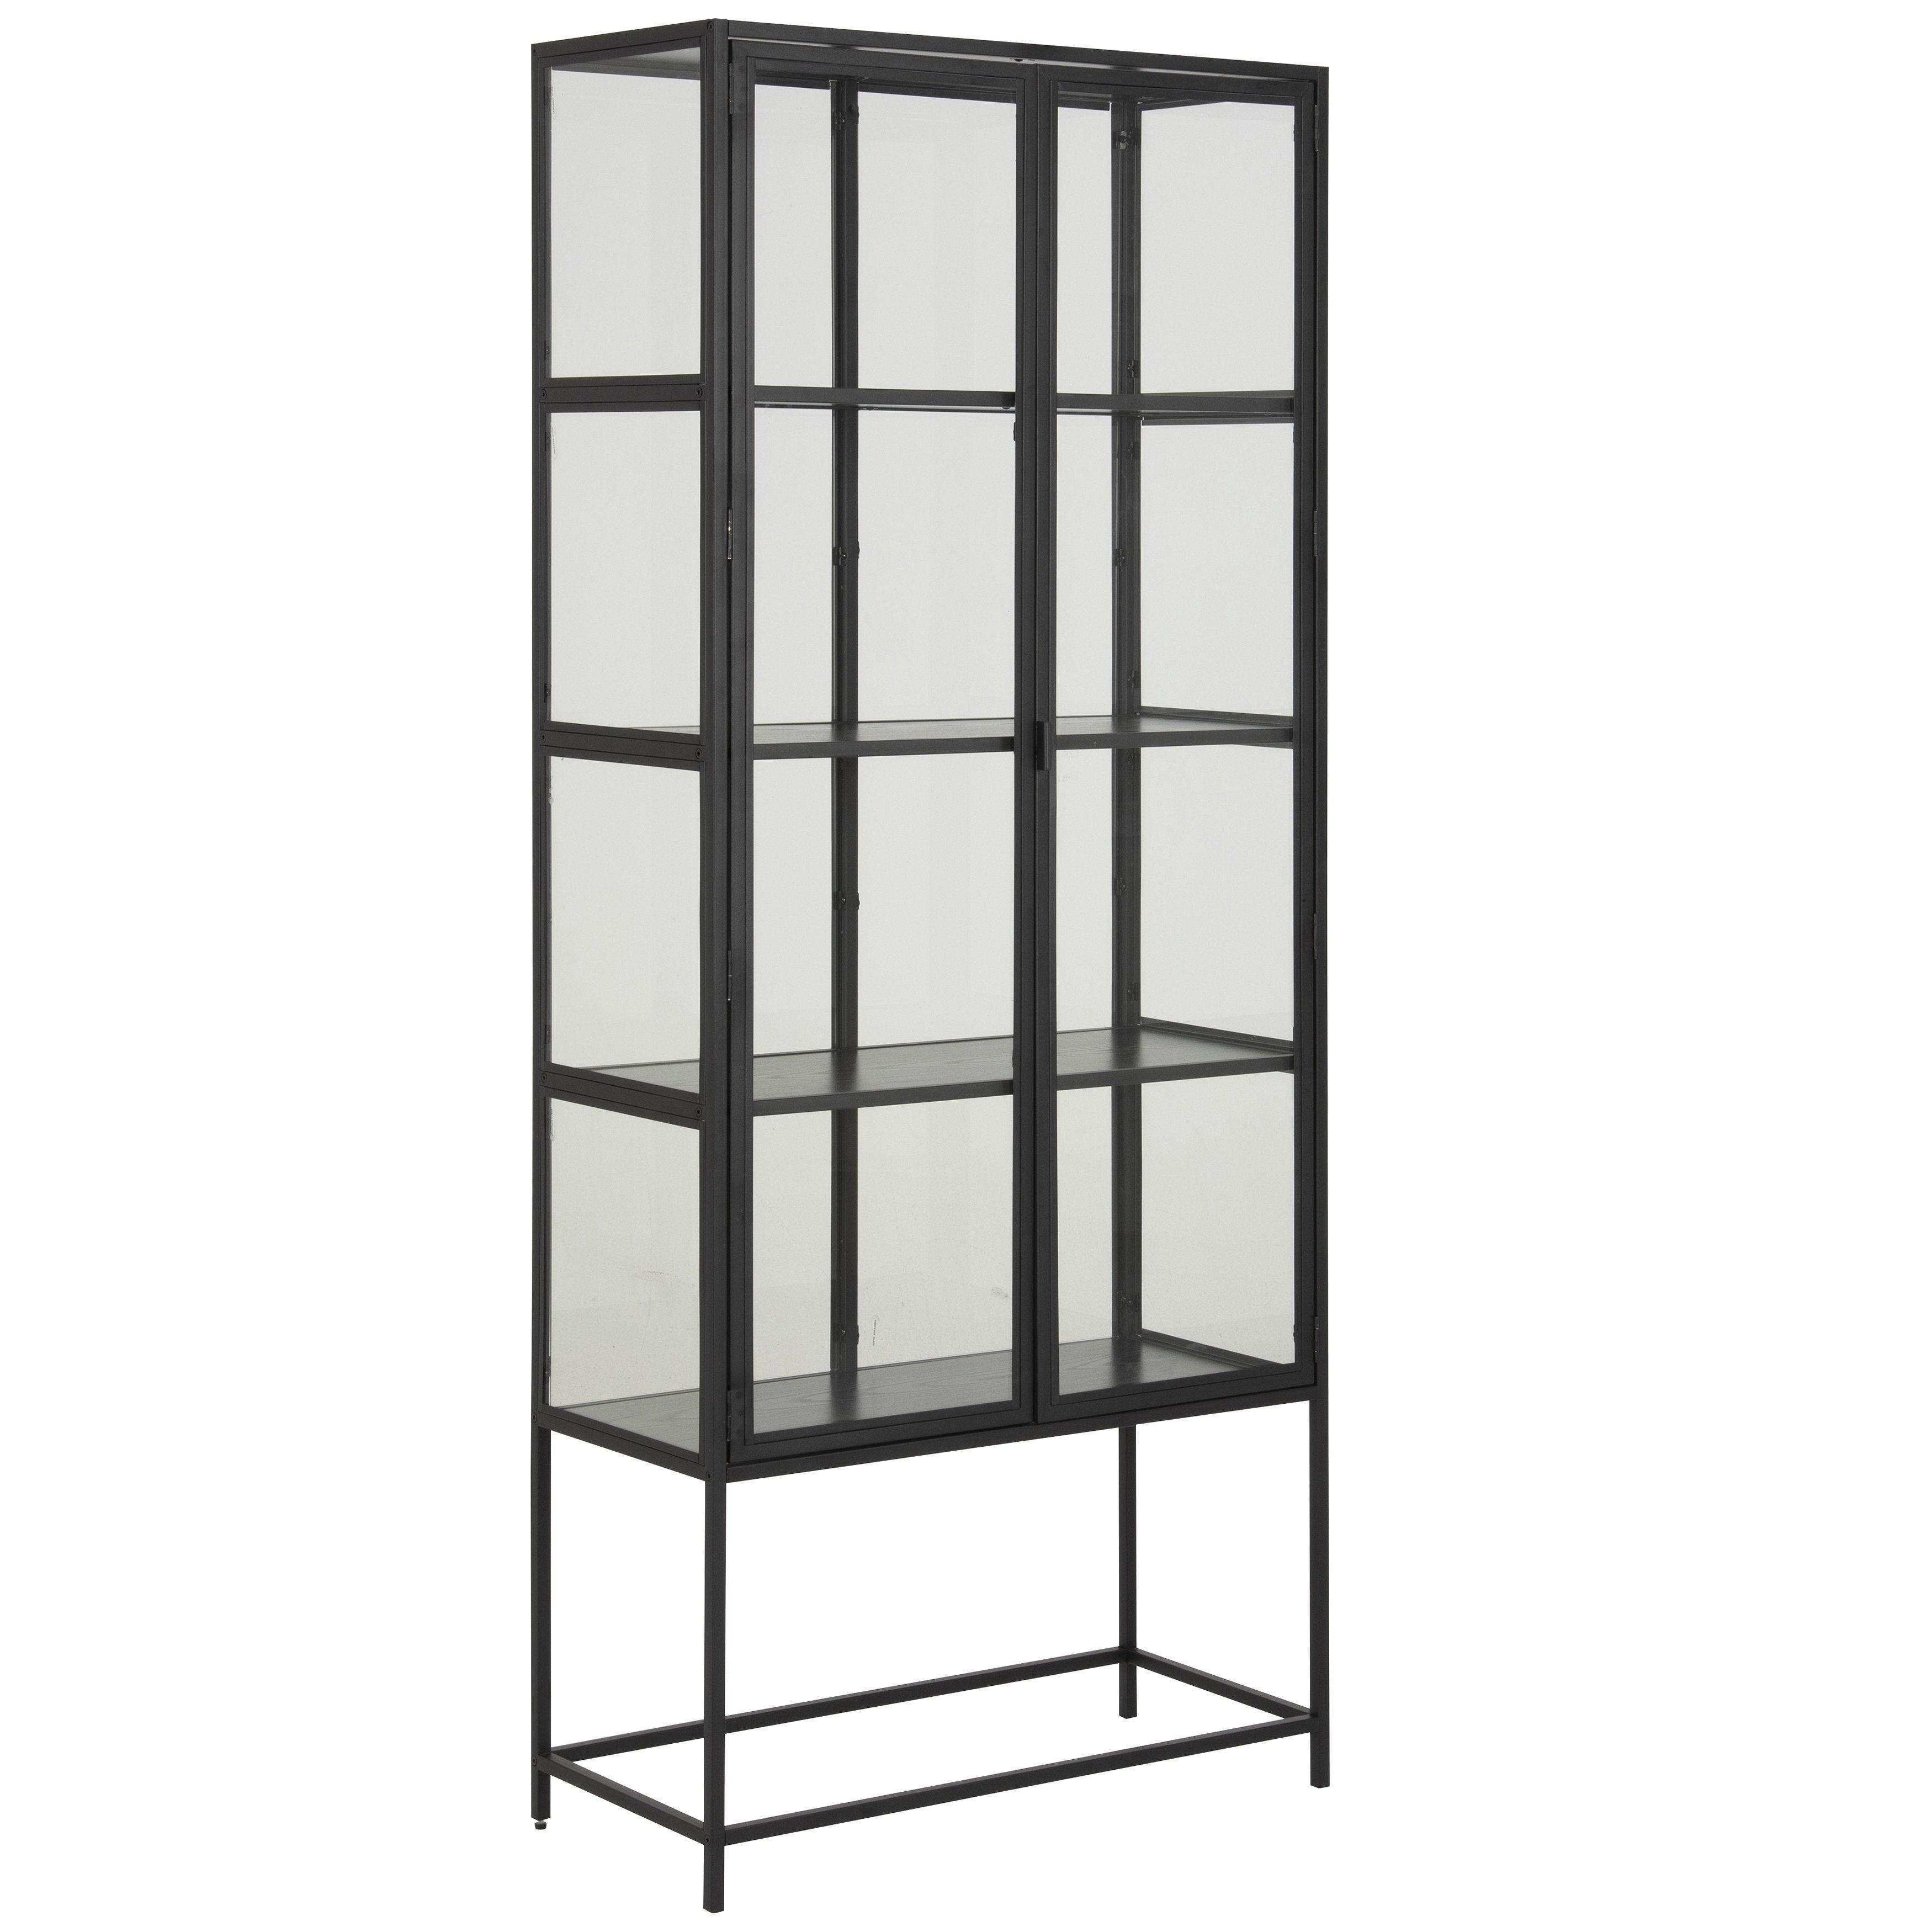 Nimara.dk Seaford vitrineskab i stål sort med 2 glaslåger - Højde 185 cm